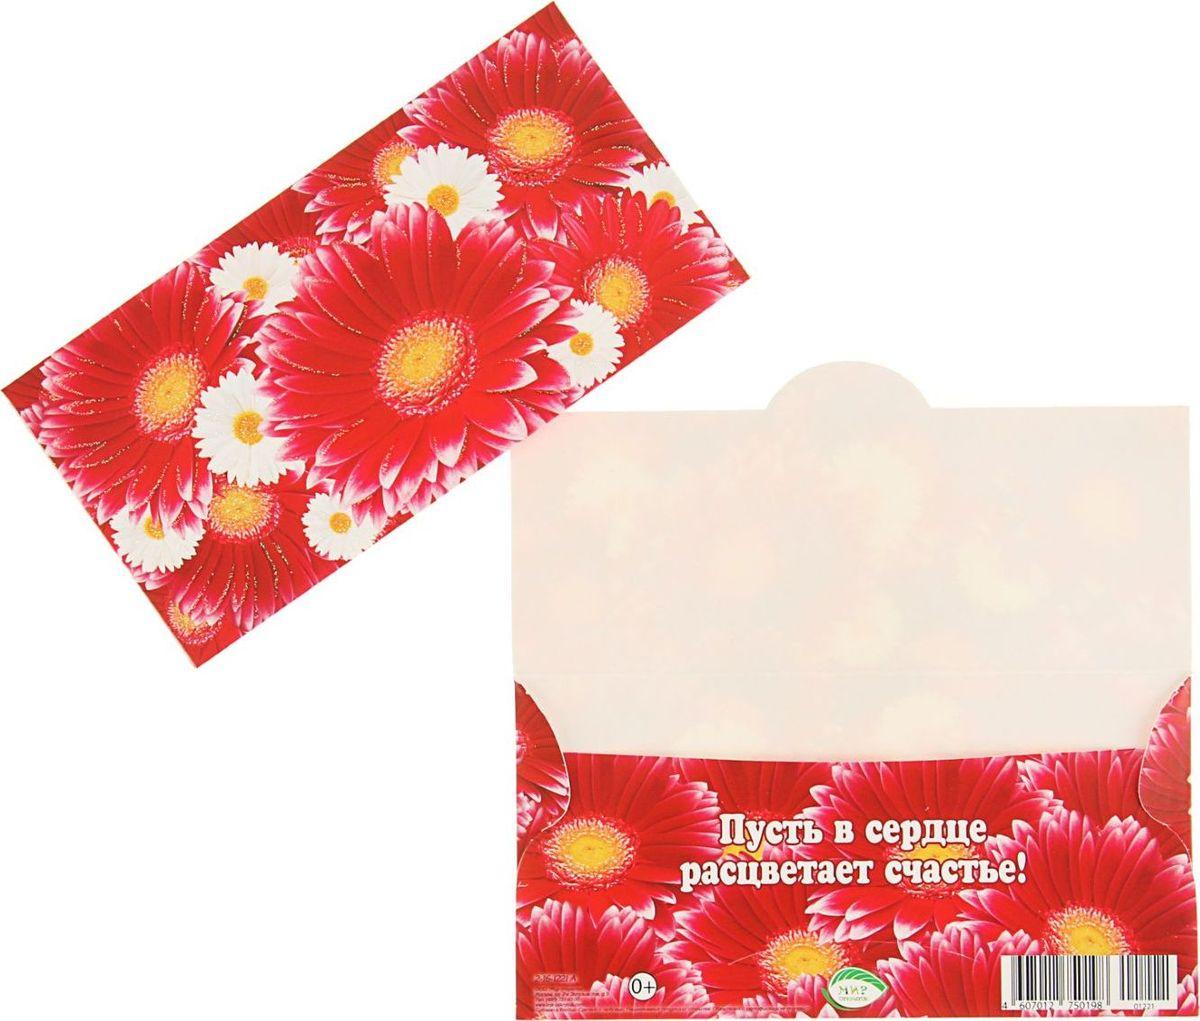 Конверт для денег Мир открыток Универсальный. Розовые и белые цветы, 16,4 х 8,4 см2015667Невозможно представить нашу жизнь без праздников! Мы всегда ждём их и предвкушаем, обдумываем, как проведём памятный день, тщательно выбираем подарки и аксессуары, ведь именно они создают и поддерживают торжественный настрой. Этот конверт - отличный выбор, который привнесёт атмосферу праздника в ваш дом!